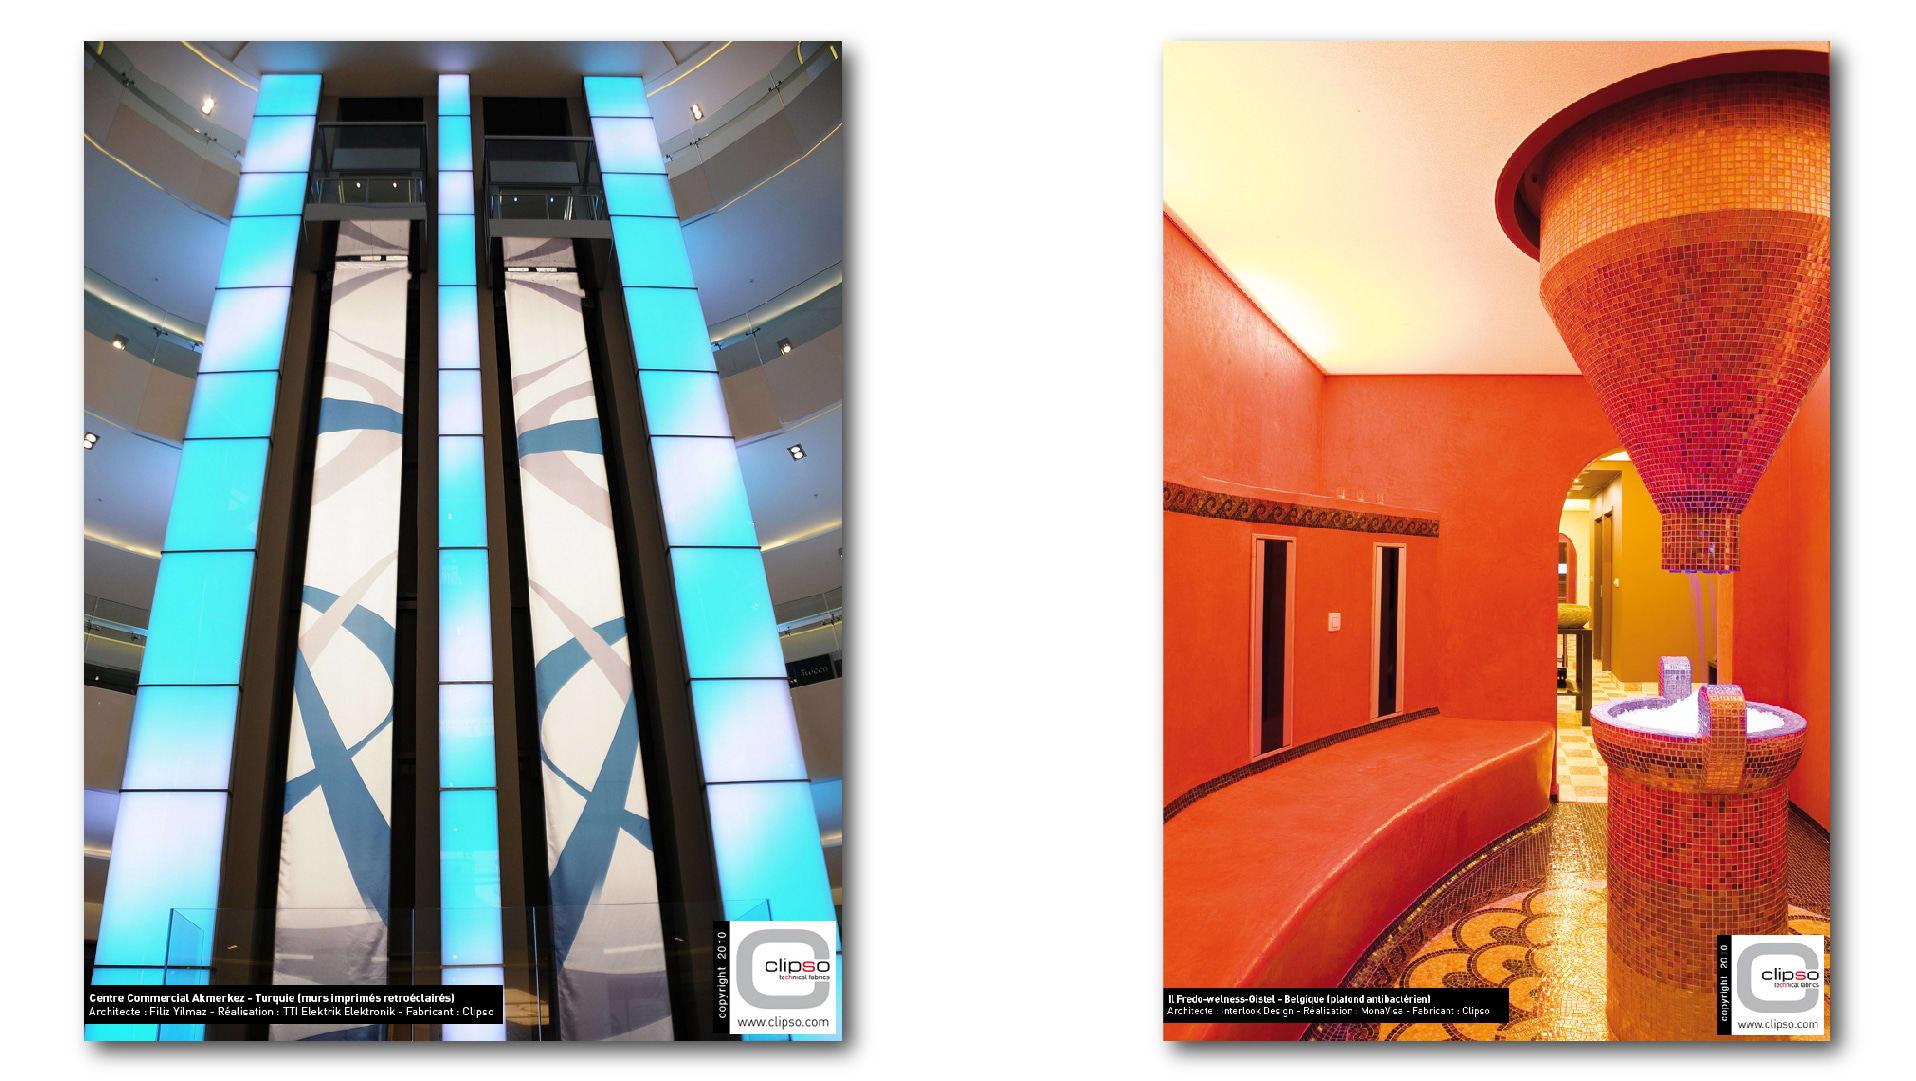 Clipso-Print_Transluzent-Einkaufszenter_Clipso-Transluzent-Saunabereich_vhtx1s